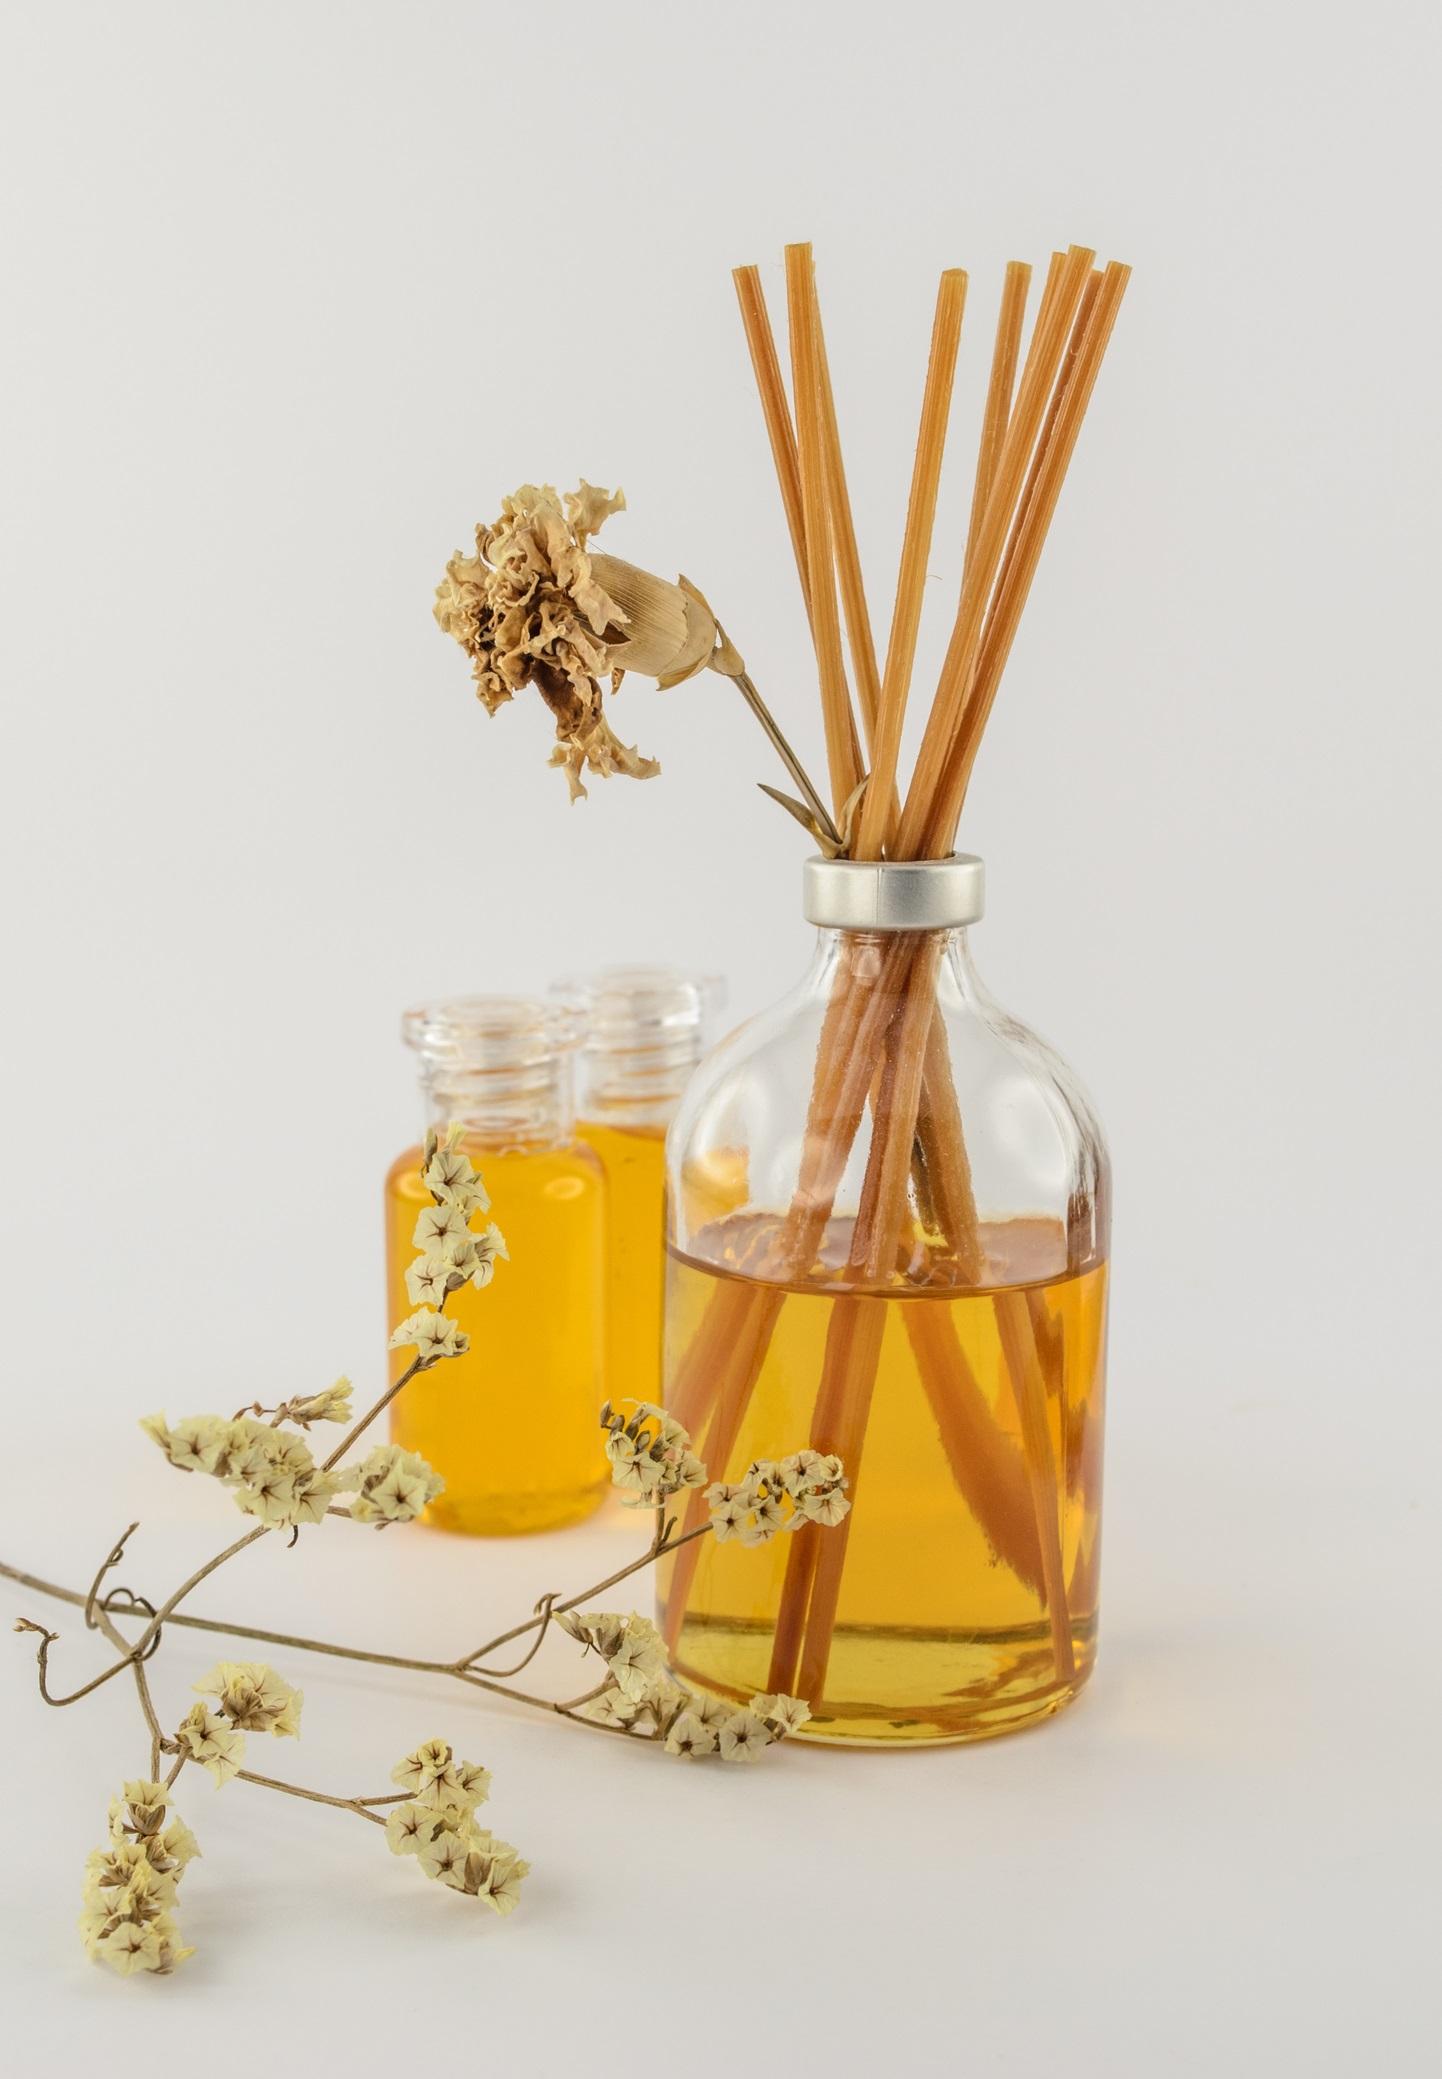 <p>Дифузори<br /> <br /> Ултразвуковите дифузори с етерични масла могат да помогнат в борбата с някои замърсиели на въздуха у дома, ако се използват правилно. Някои ароматерапевти вярват, че етеричните масла могат да помогнат при затрудненията в дишането, причинени от химикали, замърсители и други алергени. Въпреки това, за някои потребители, употребата на етерични масла може да влоши симптомите, причинени от замърсяването на въздуха, тъй като дори 100% естествените етерични масла съдържат някои алергени. Евкалиптиът и ментата все пак могат да помогнат за облекчаване на симптомите при сенна хрема и назална конгестия (бел. ред. запушен нос).</p>